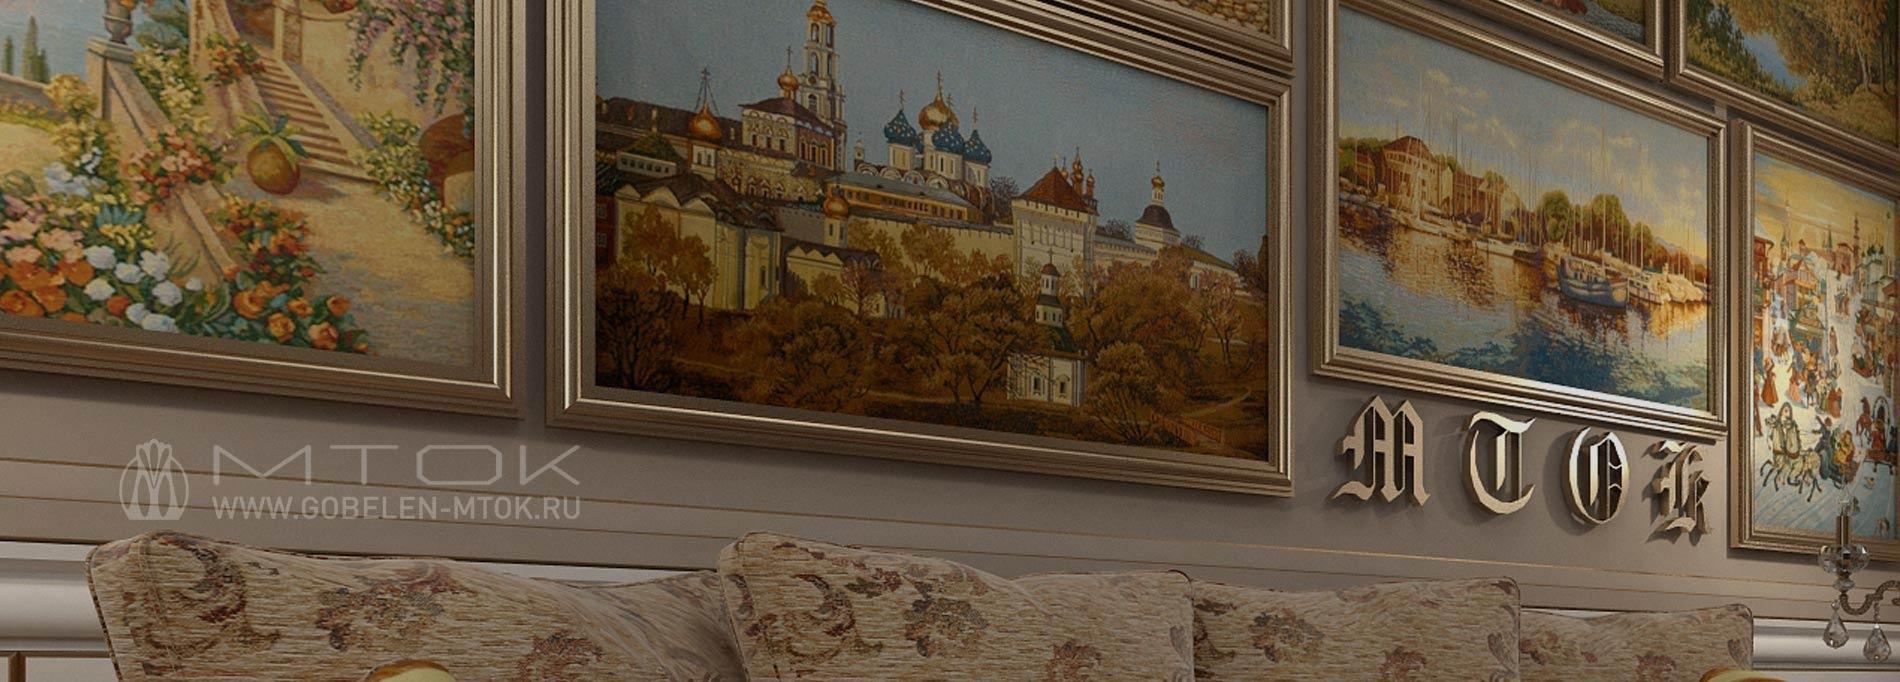 Интерьер гостиной с картинами из гобелена